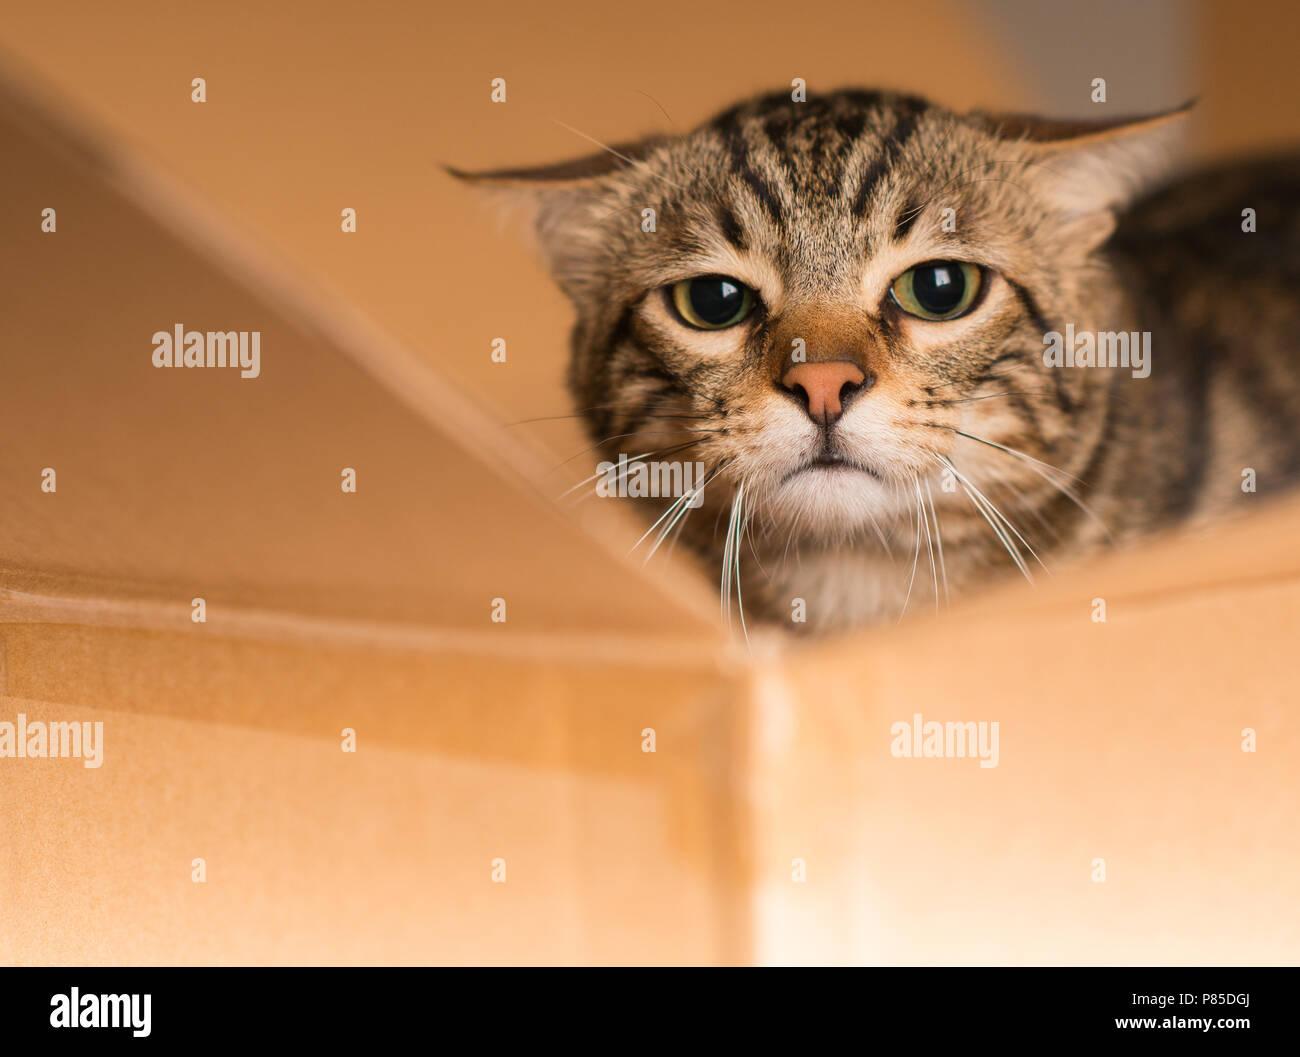 Bel gatto di giocare a nascondino in una scatola di cartone Immagini Stock